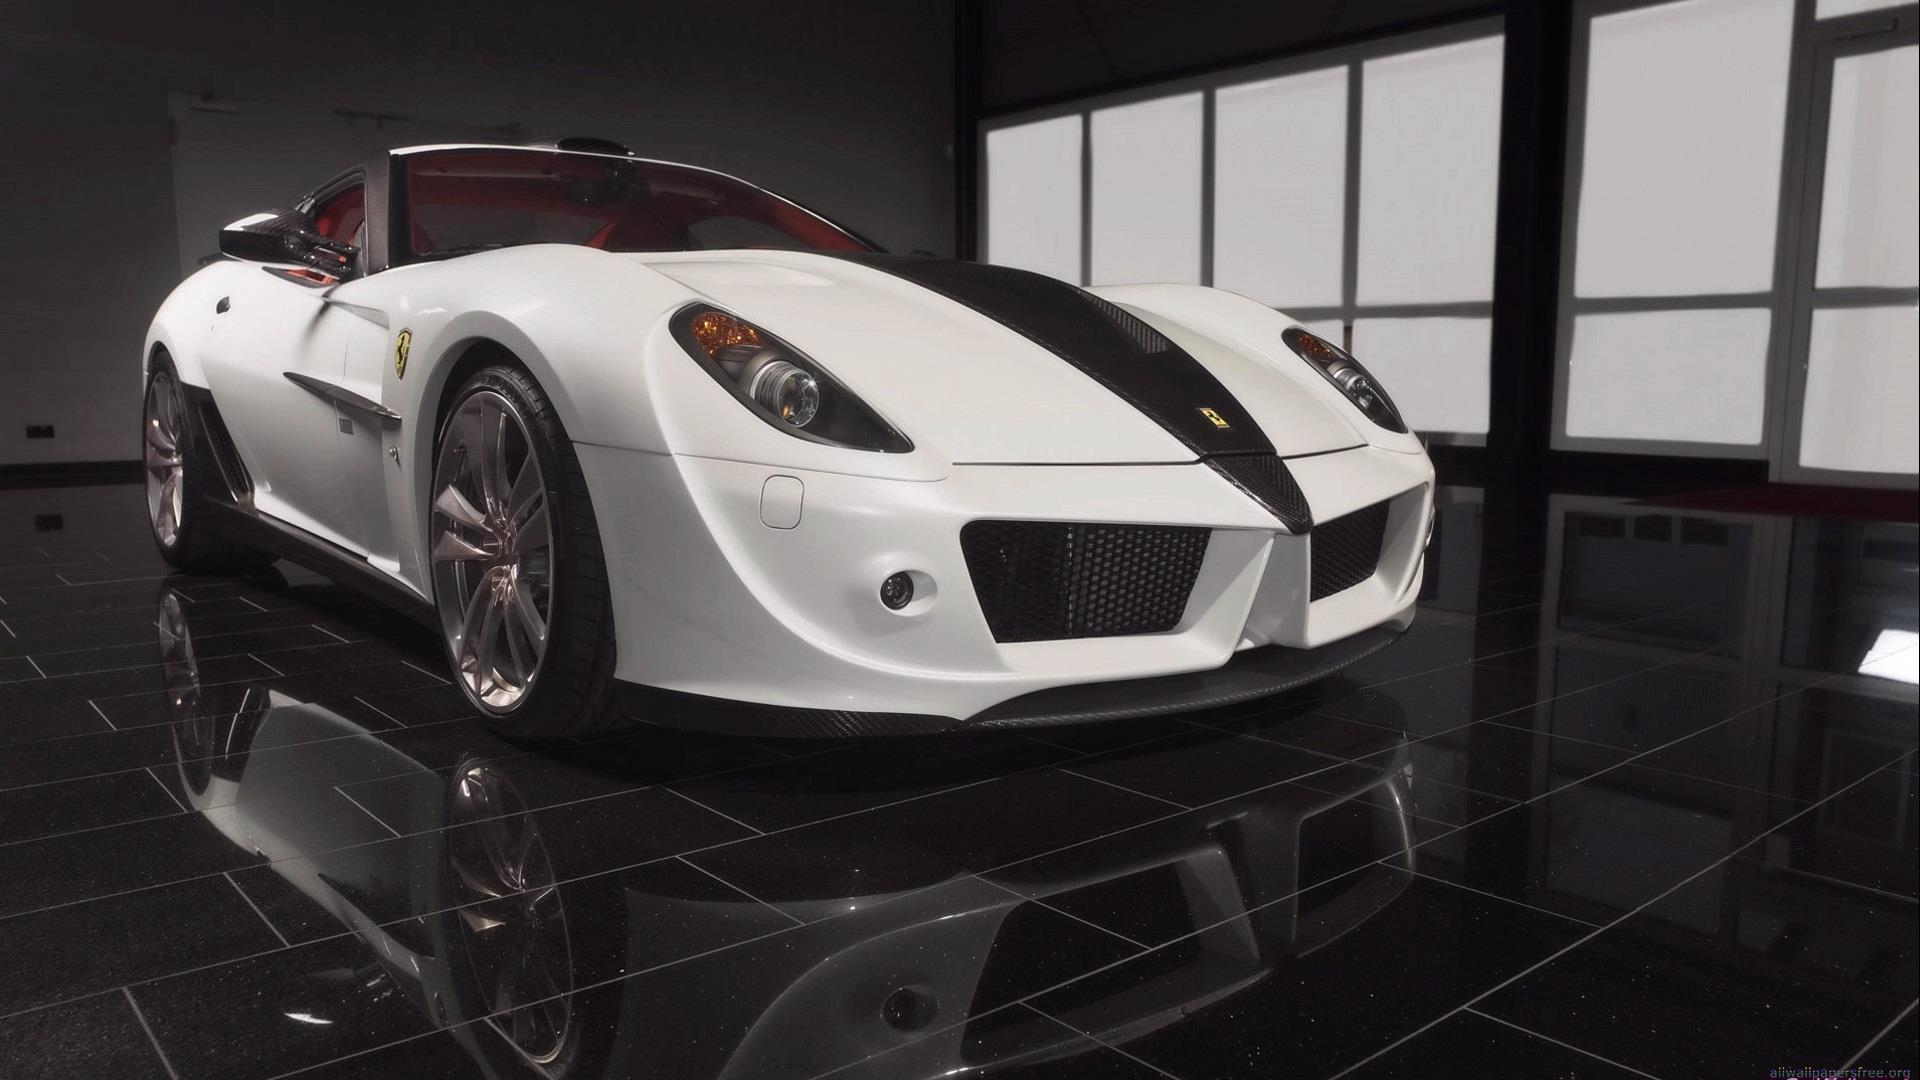 blanc-ferrari-automobile-de-luxe-passion_10